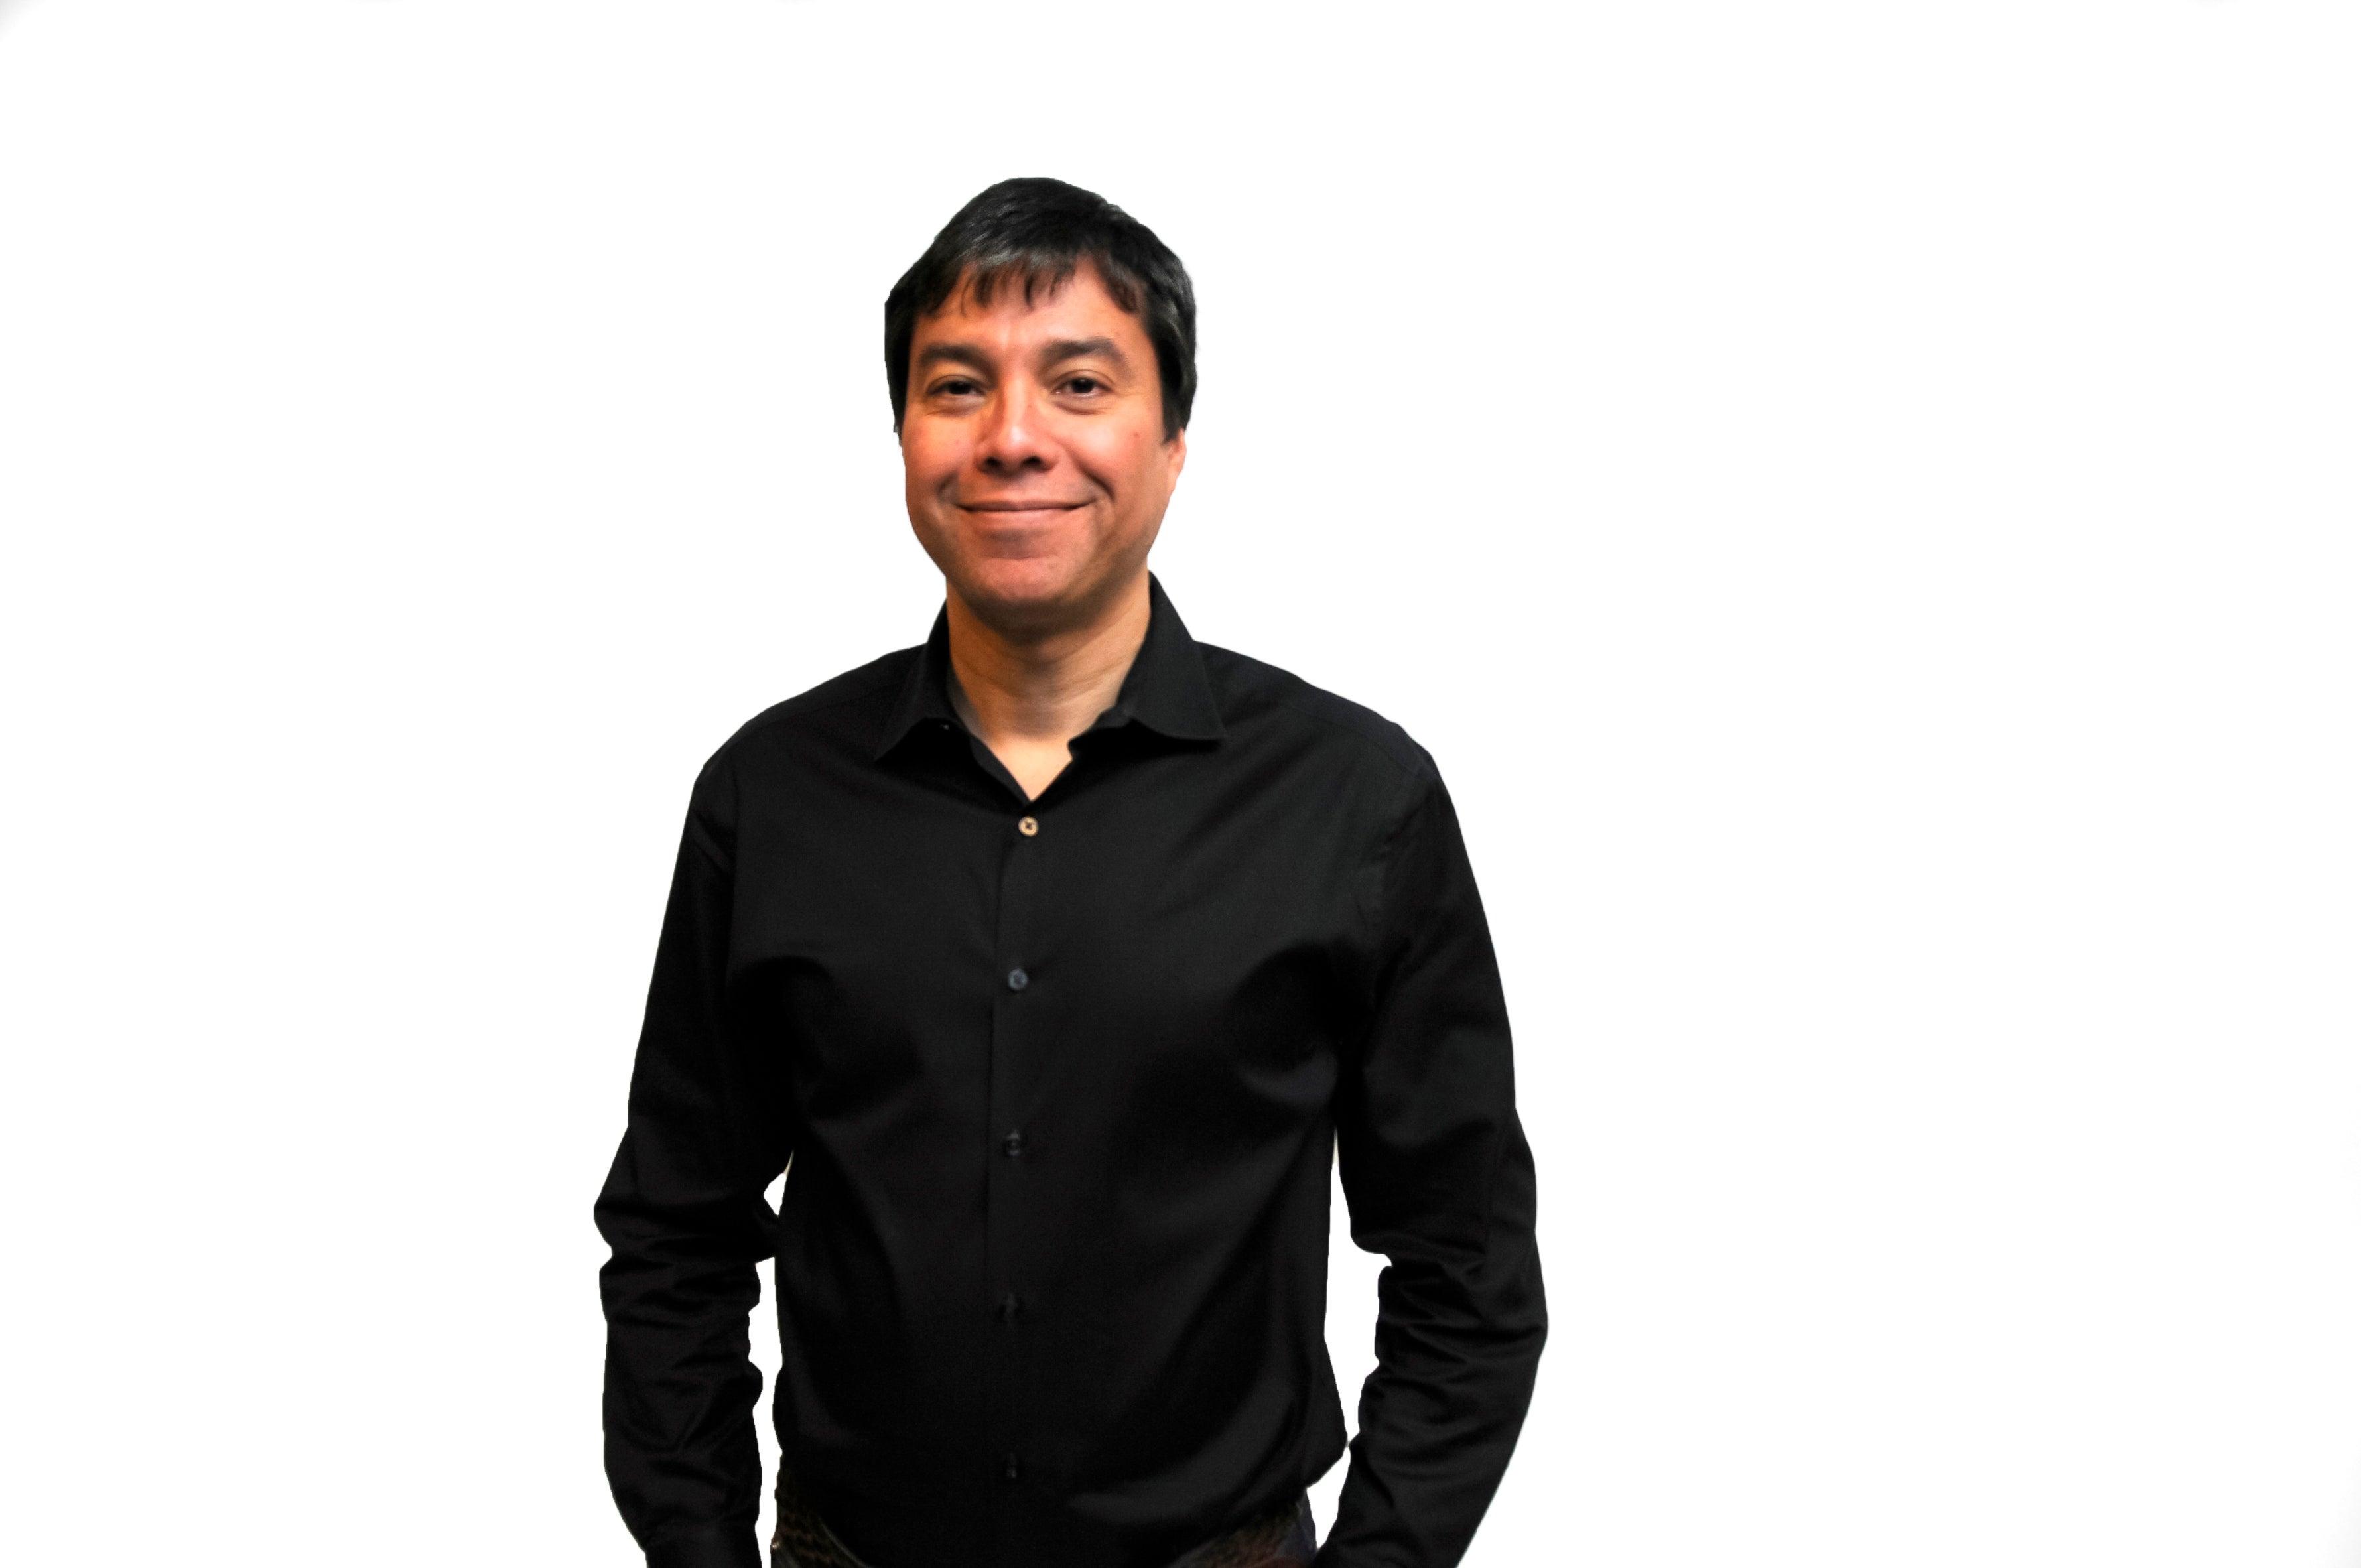 Enrique Ibarra